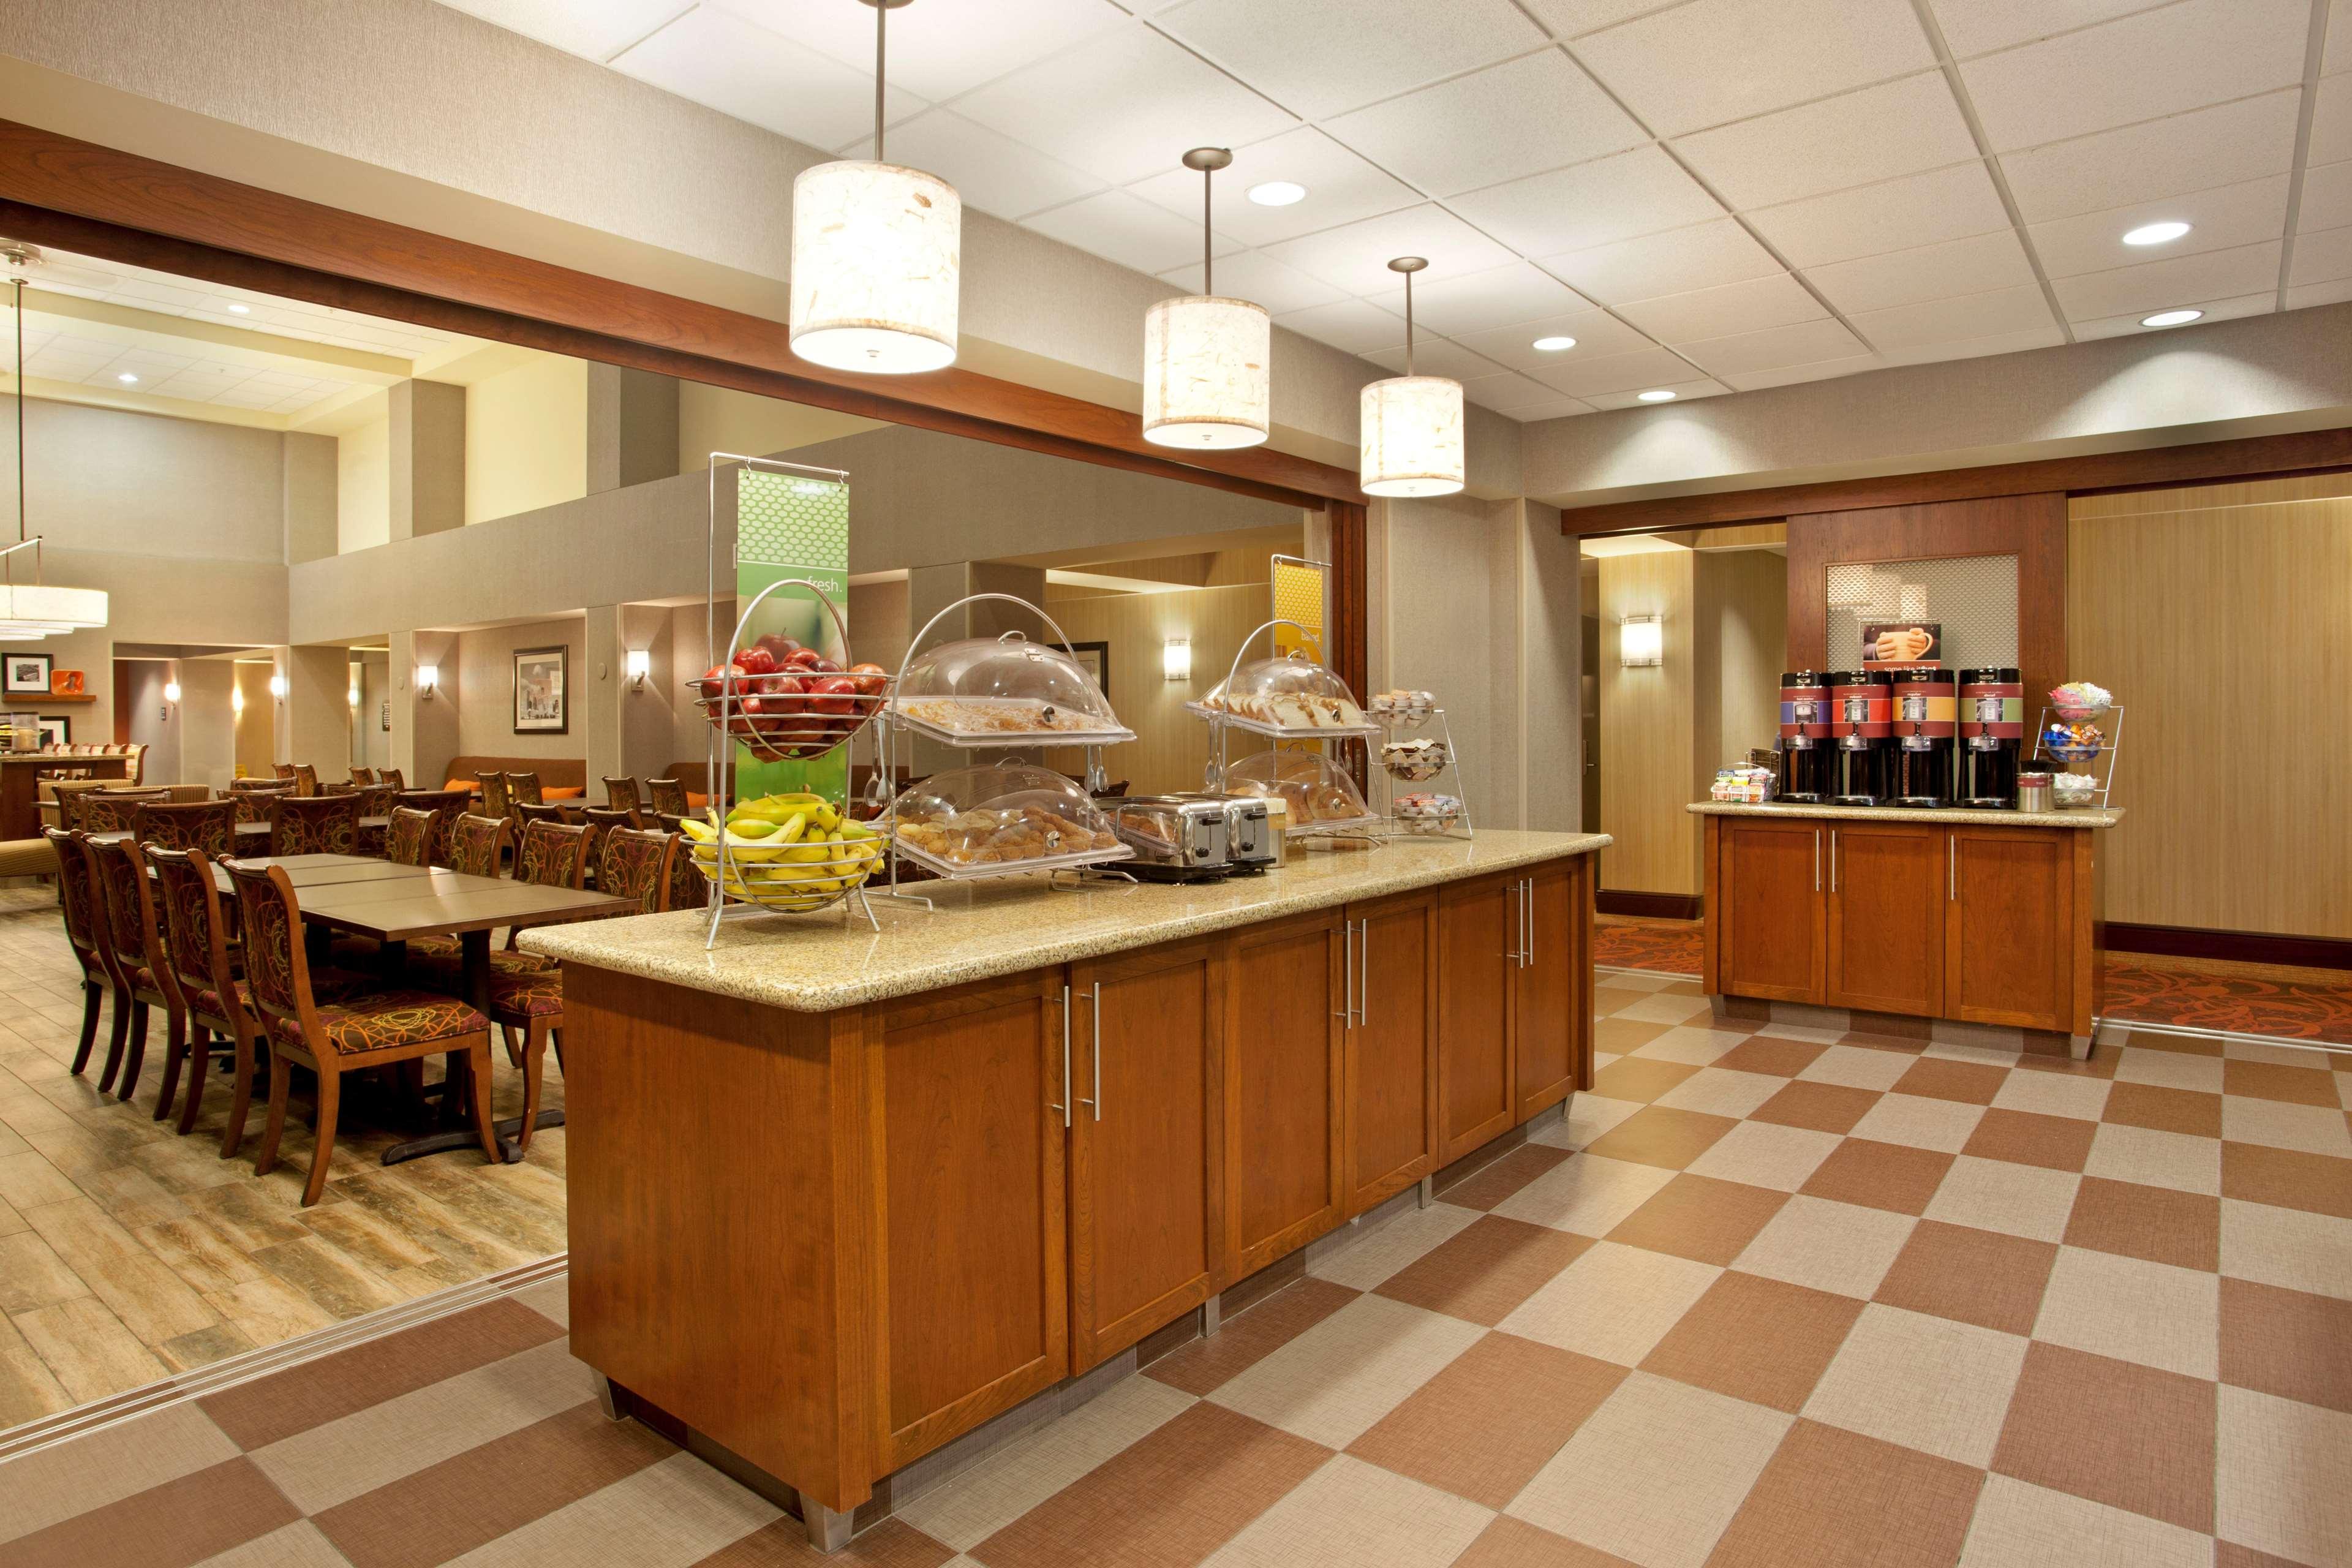 Hampton Inn Suites Minneapolis St Paul Arpt-Mall of America image 4